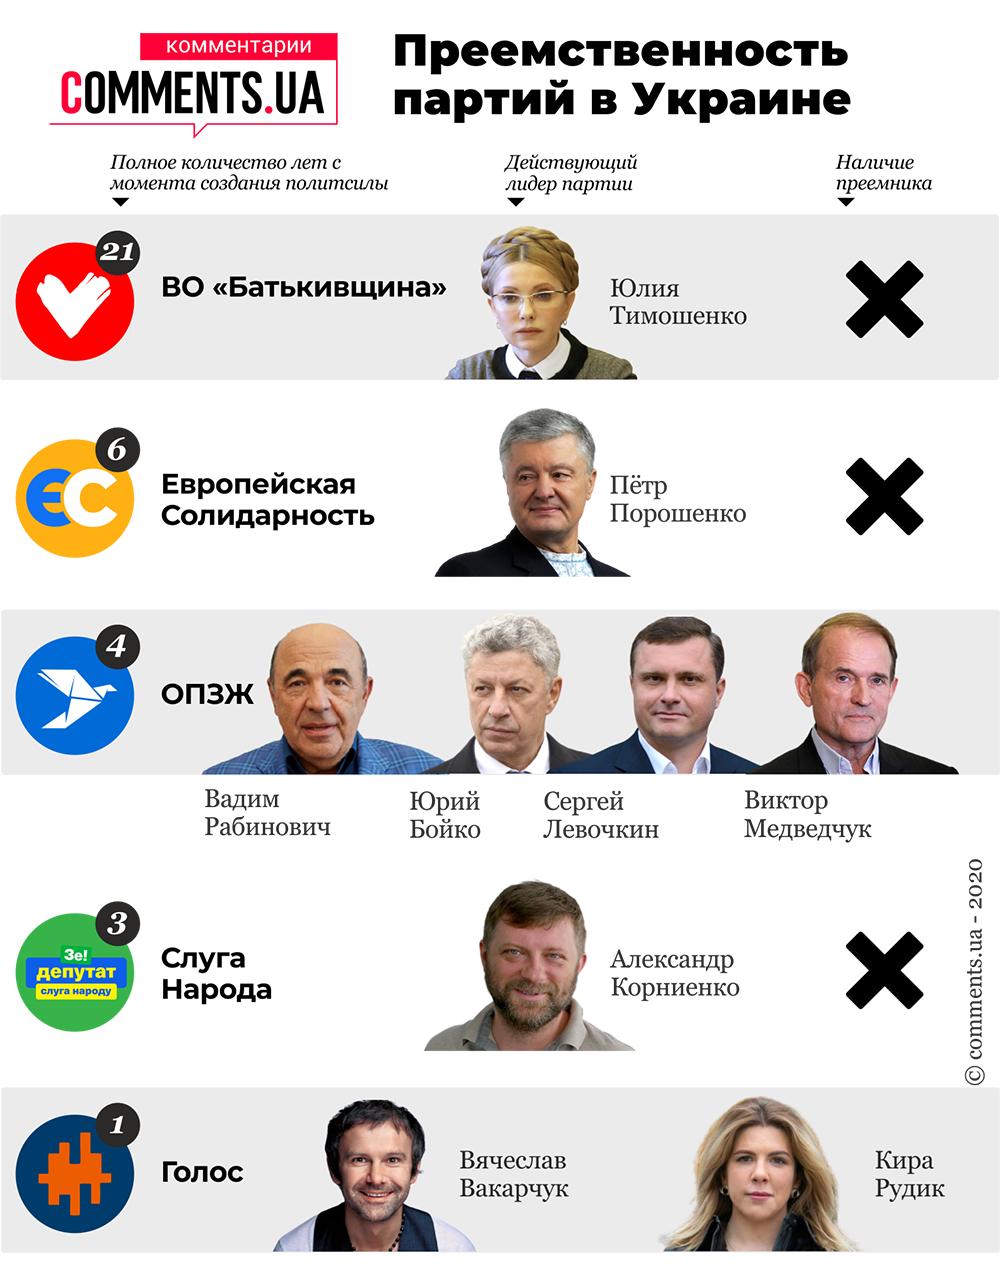 Партійна спадкоємність в Україні: чи є вона і хто може замінити політиків-лідерів - фото 2